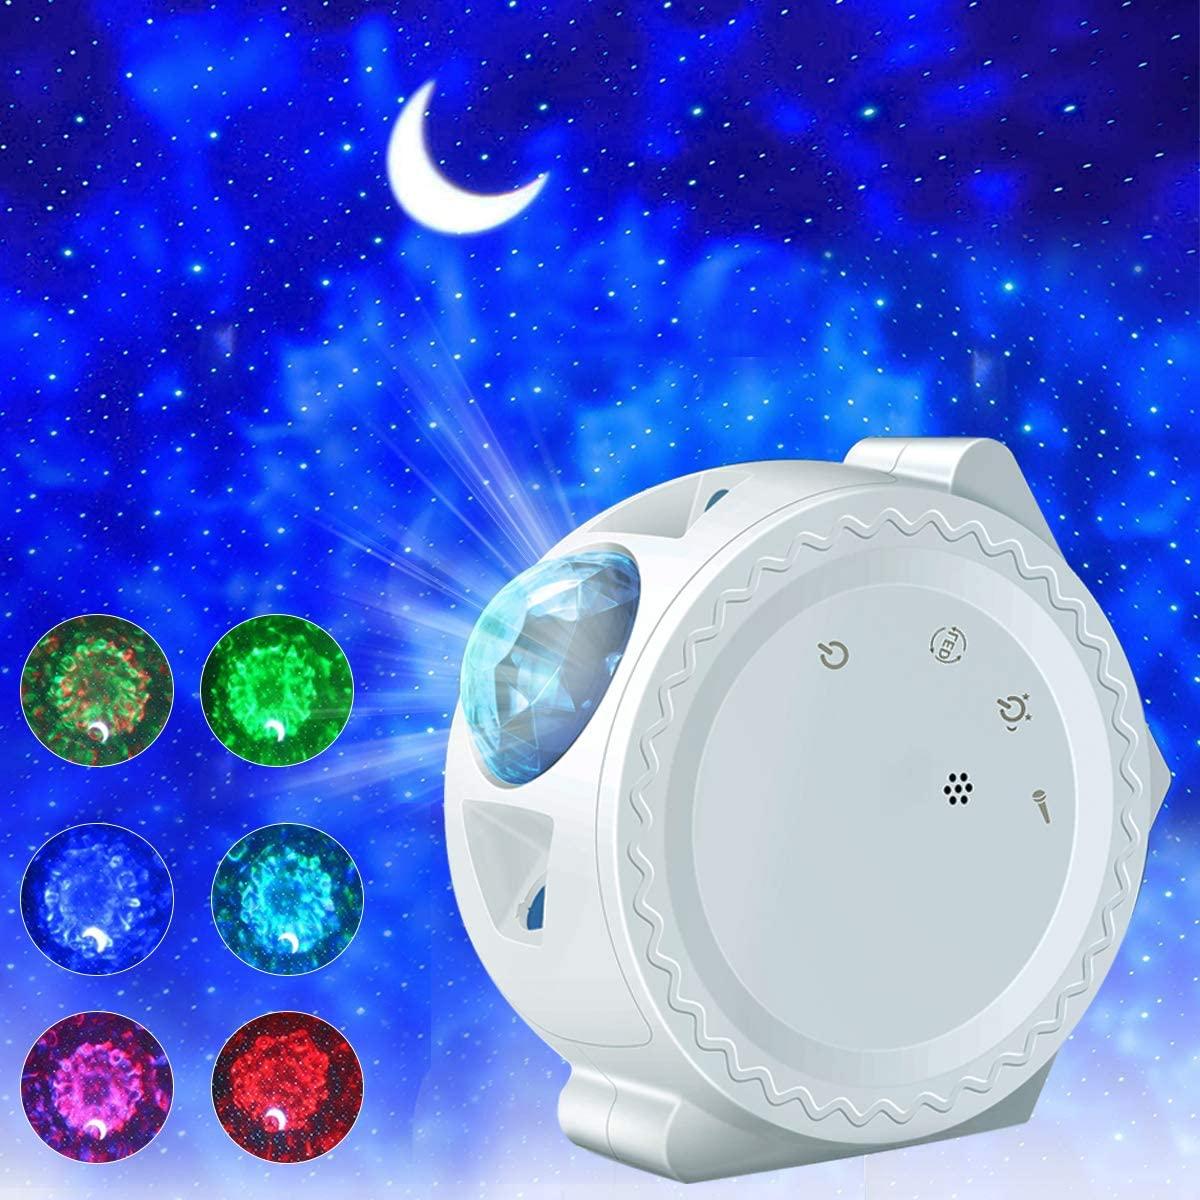 3 في 1 ستار ليلة ضوء العارض المرصعة بالنجوم السماء القمر العارض غالاكسي المحيط سديم مصباح التحكم في الموسيقى للأطفال هدايا عيد الميلاد